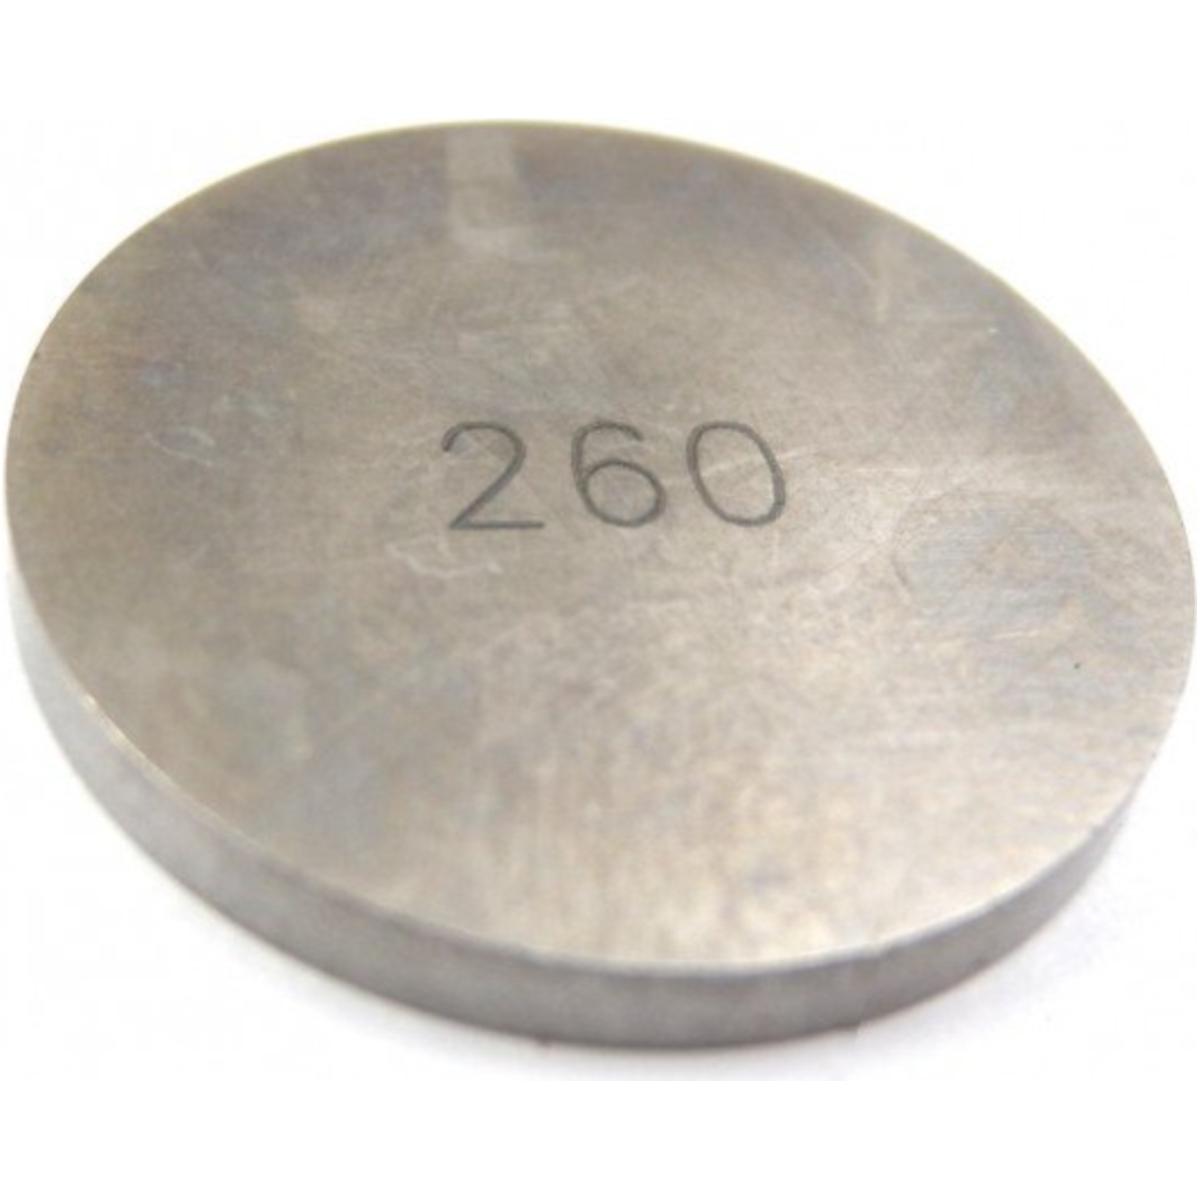 VENTIL SHIM 25 MM 2.40